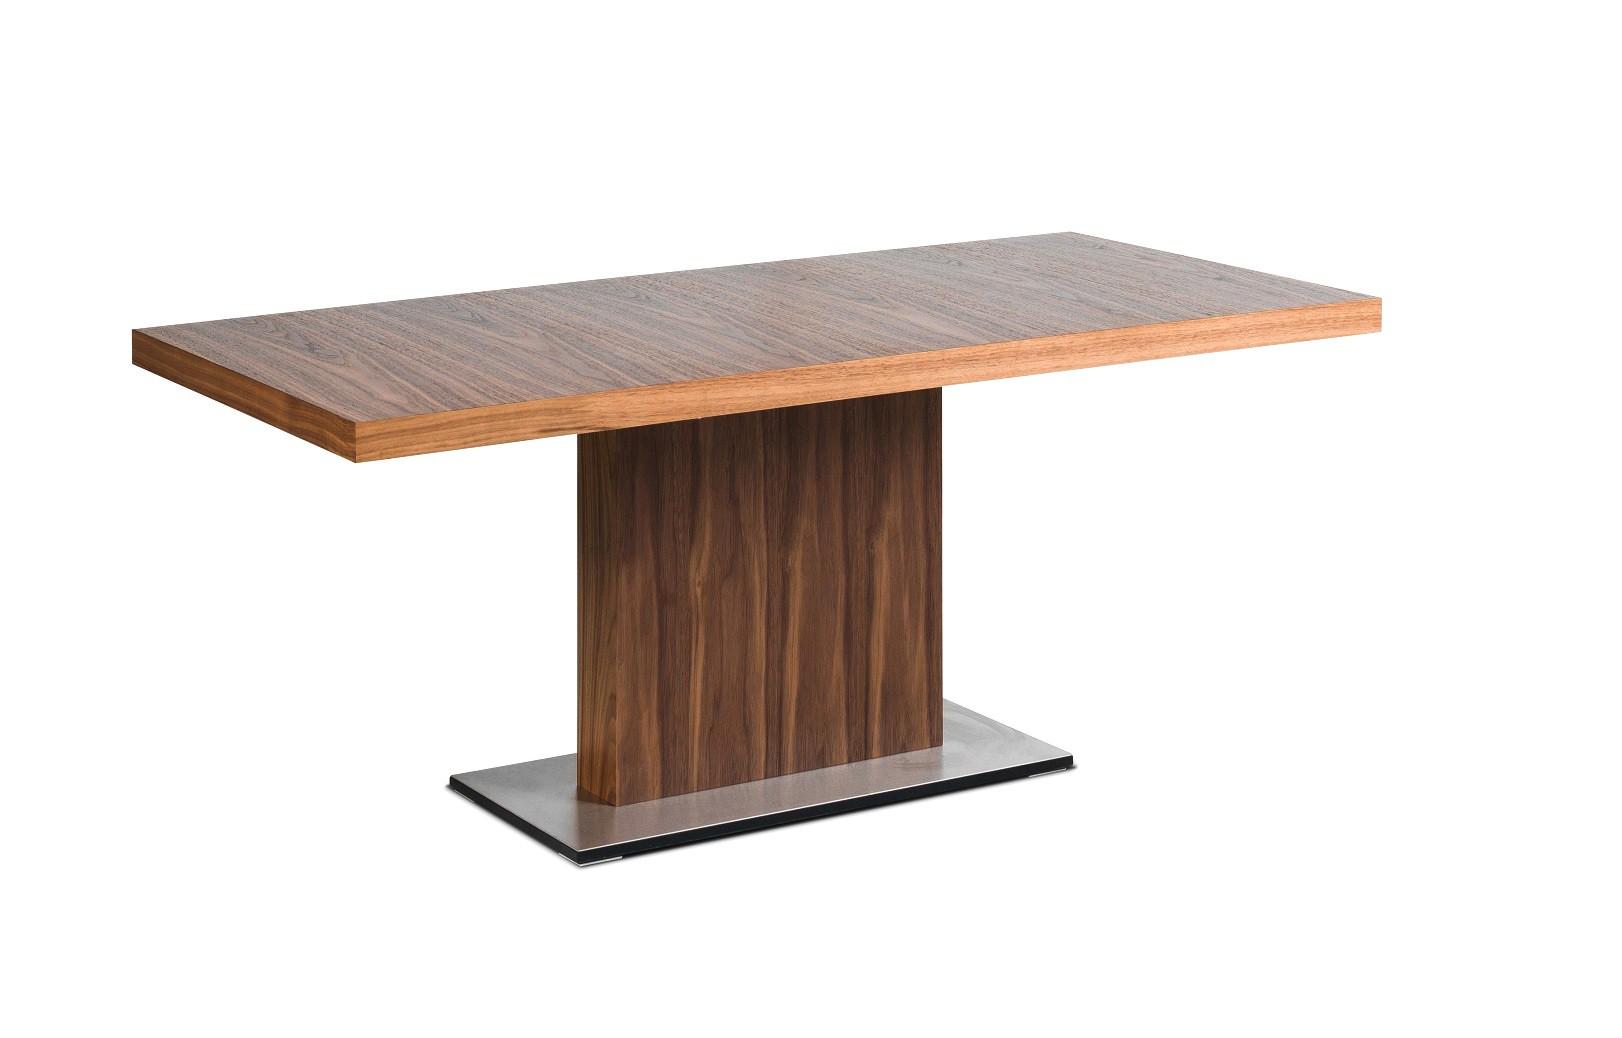 Design couchtisch tisch mn 6 walnuss nussbaum hochwertig for Tisch design